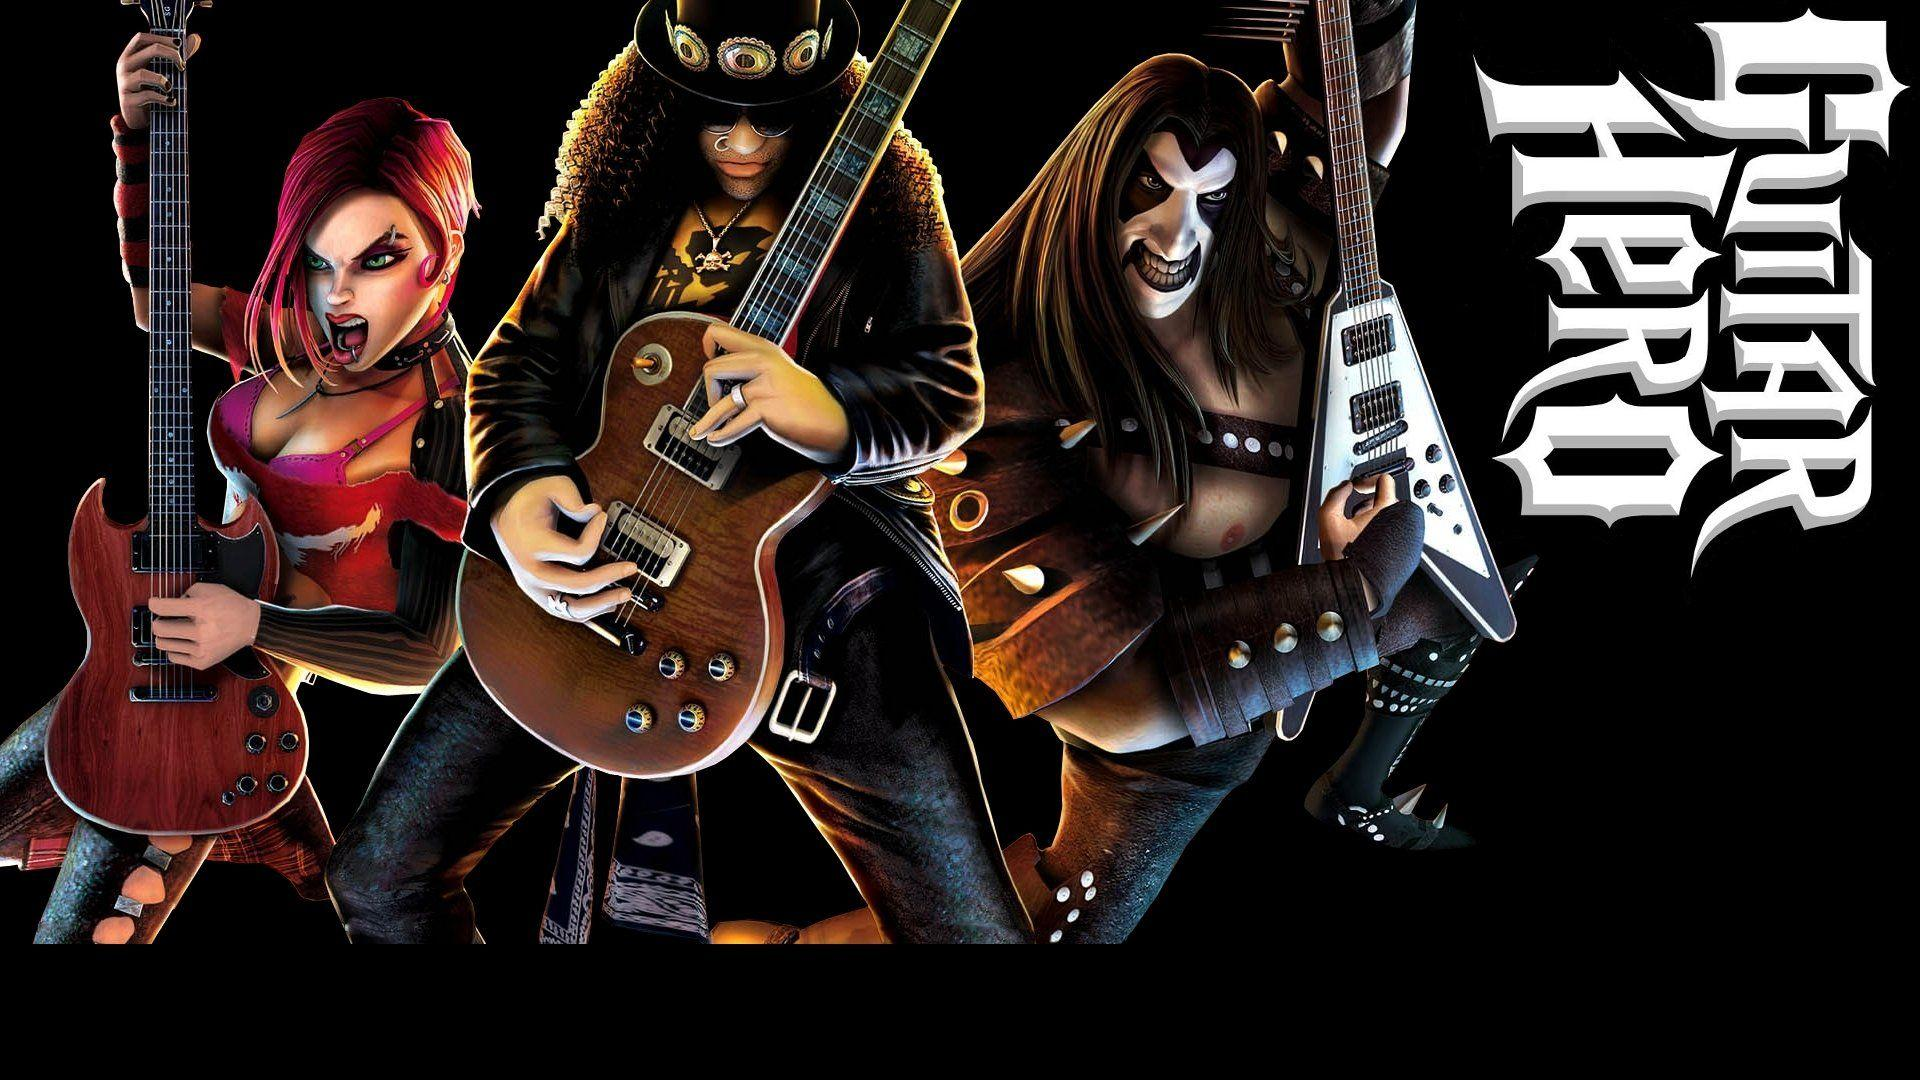 Guitar Hero Wallpapers Wallpaper Cave